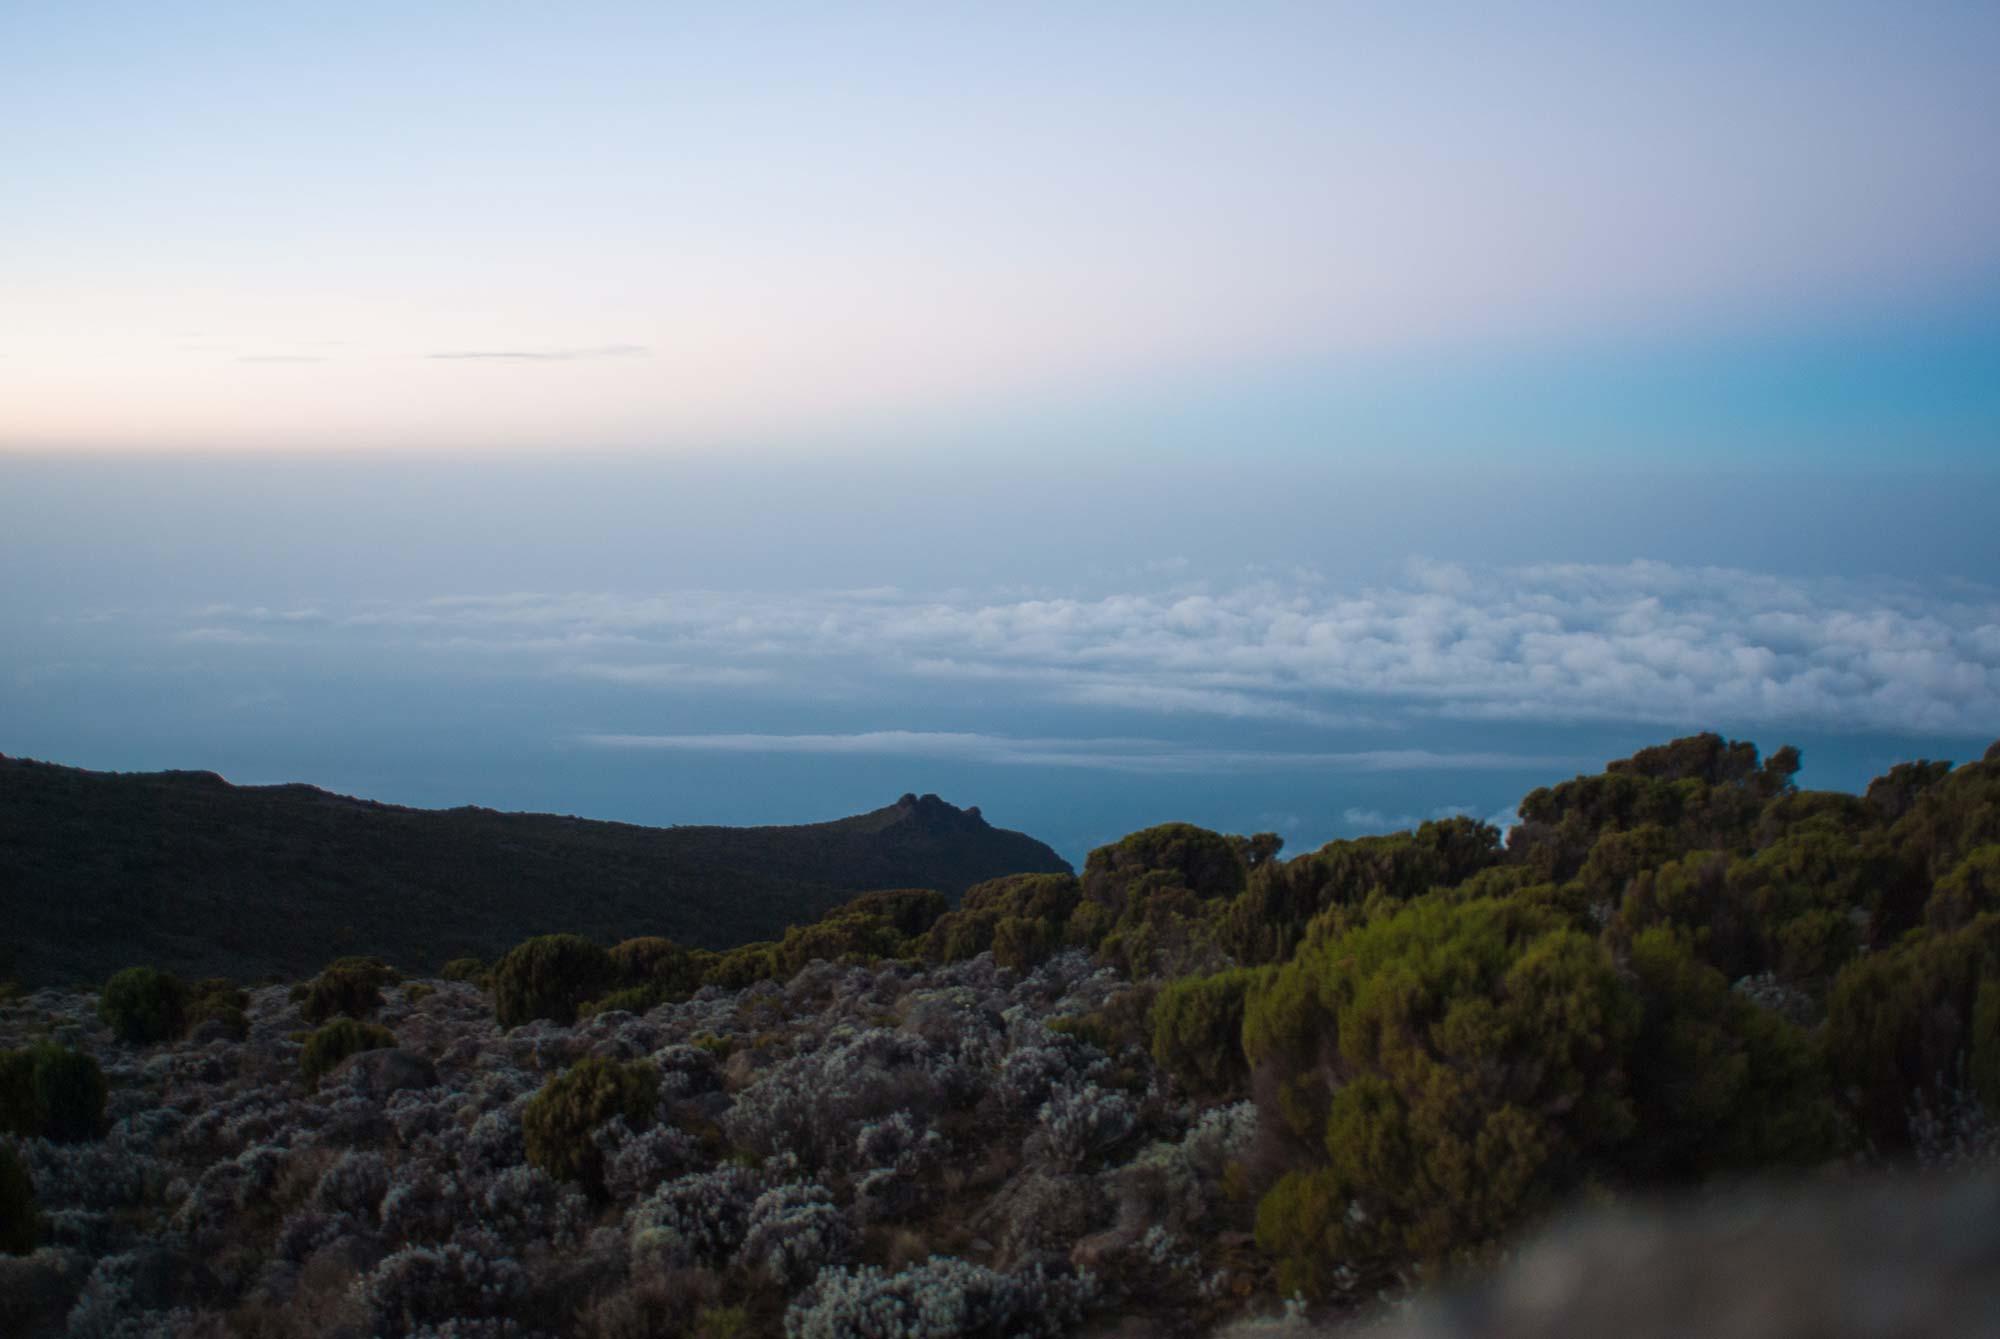 D6-02-moshi-covered-in-clouds-karanga-camp-kilimanjaro.jpg